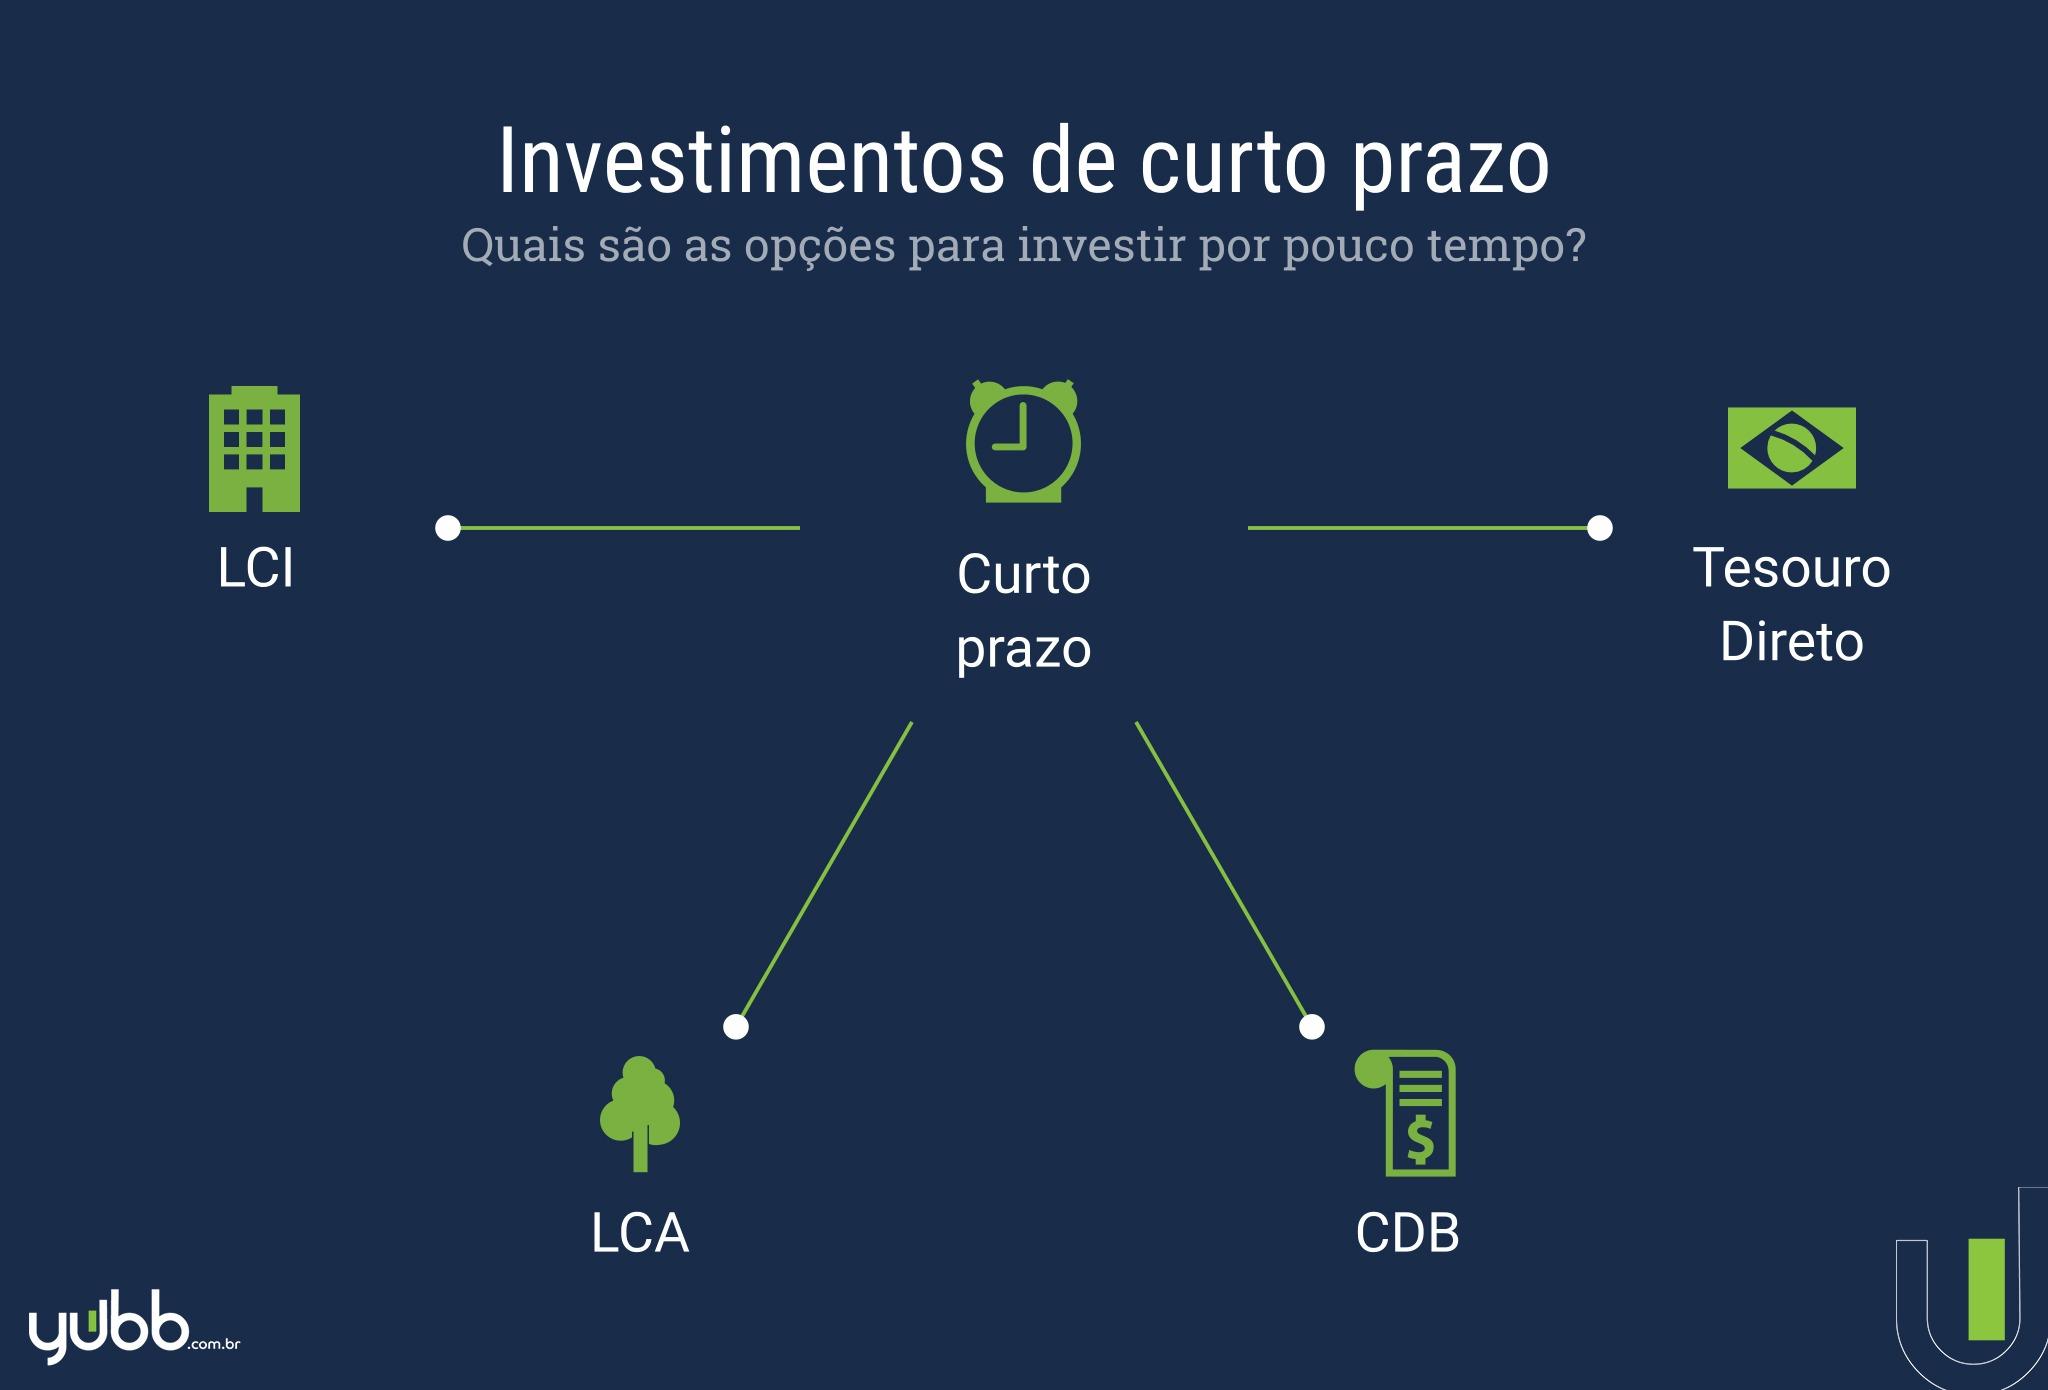 investimentos de curto prazo